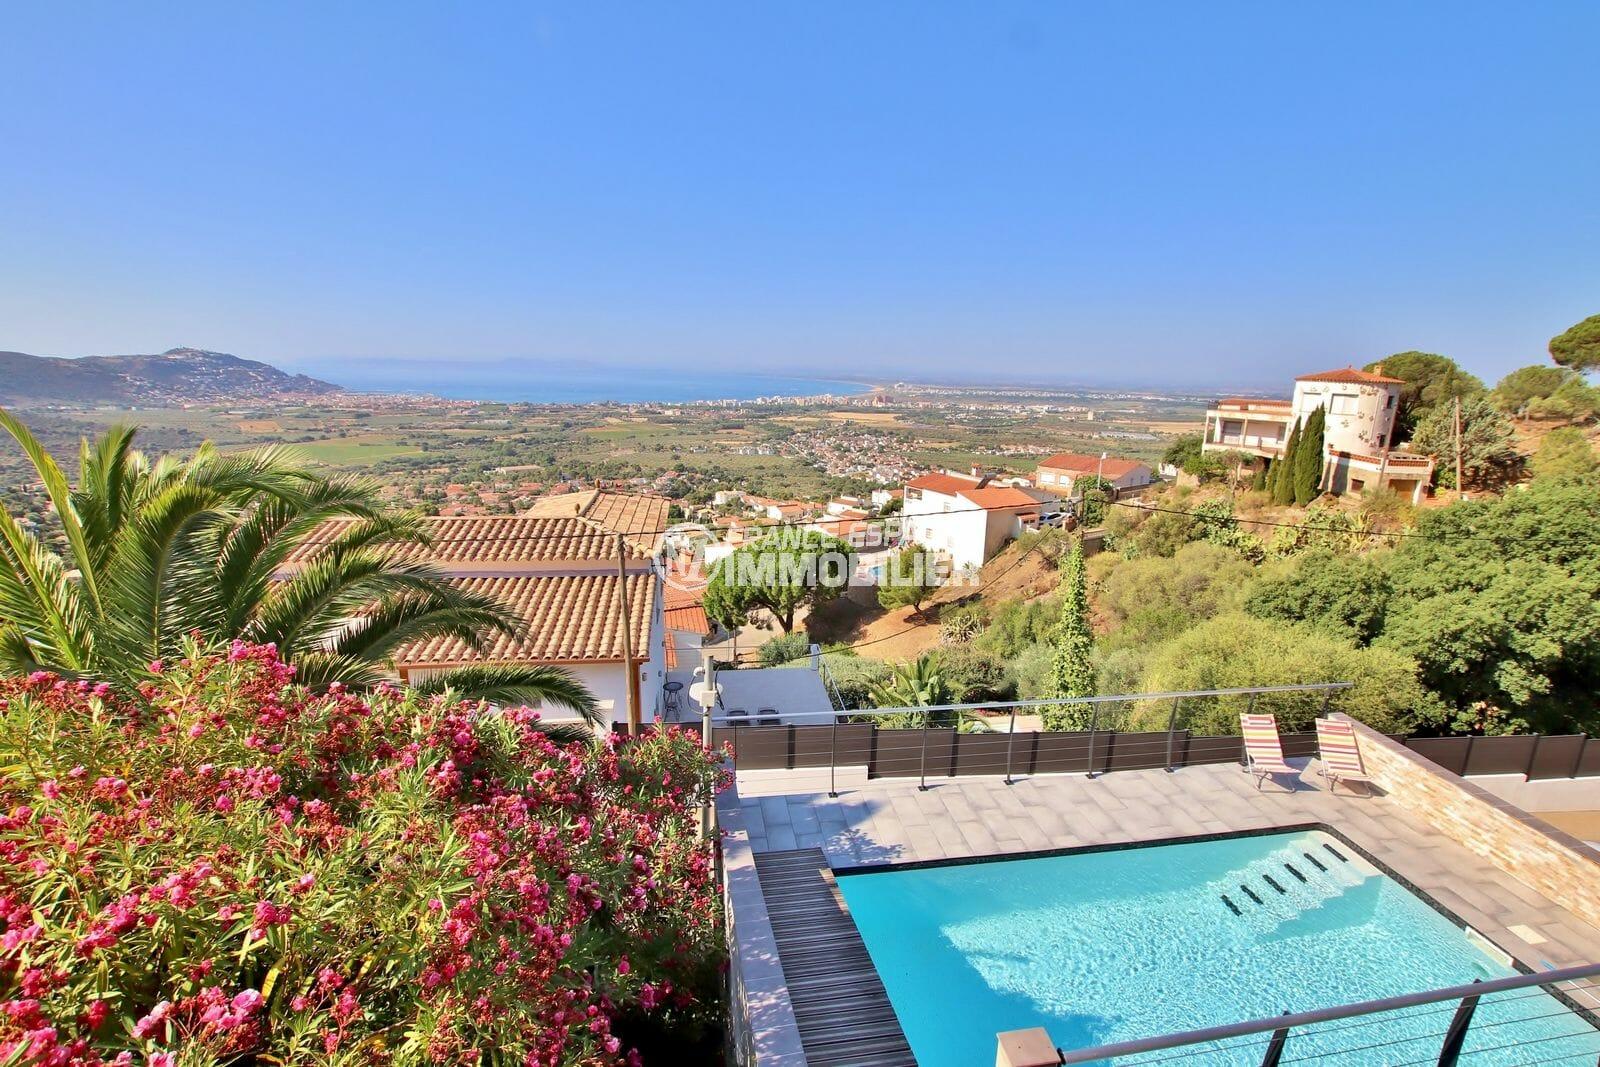 acheter maison costa brava, 6 pièces 250 m² sur terrain de 880 m² avec piscine, exposition sud, vue mer, proche plage